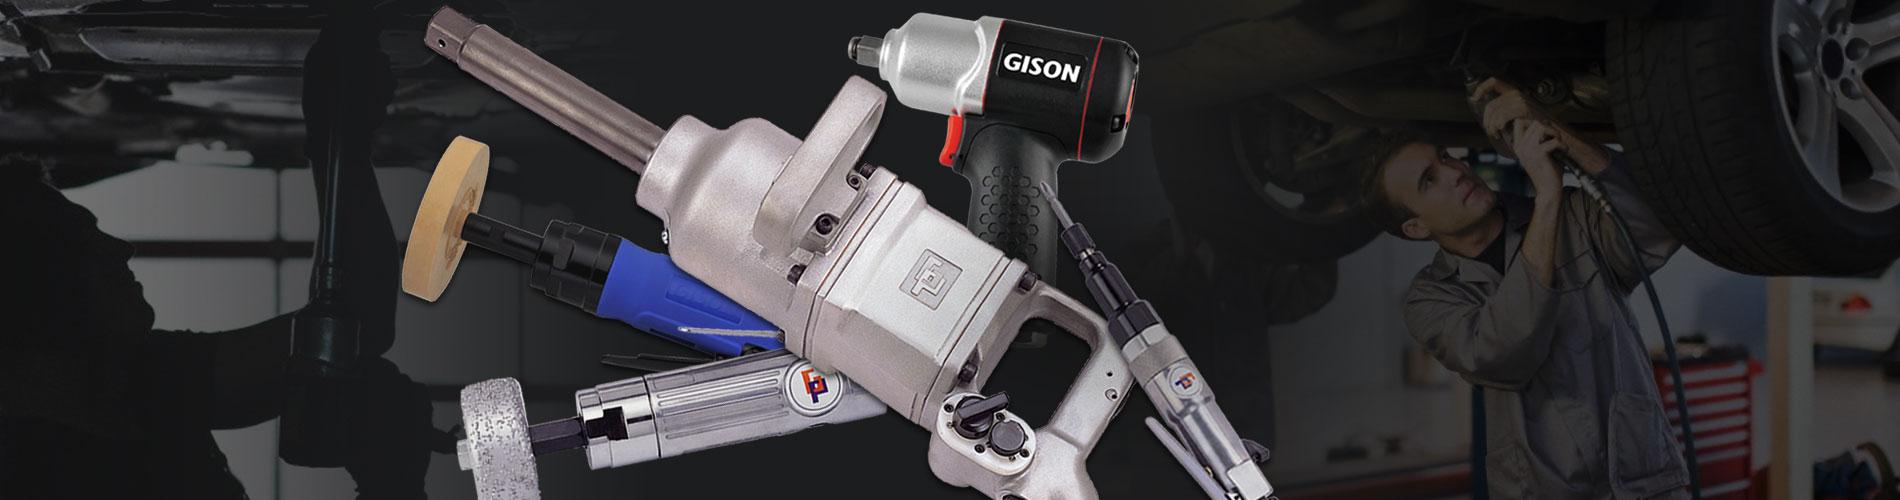 Air Tools for Fastening / Auto Repair